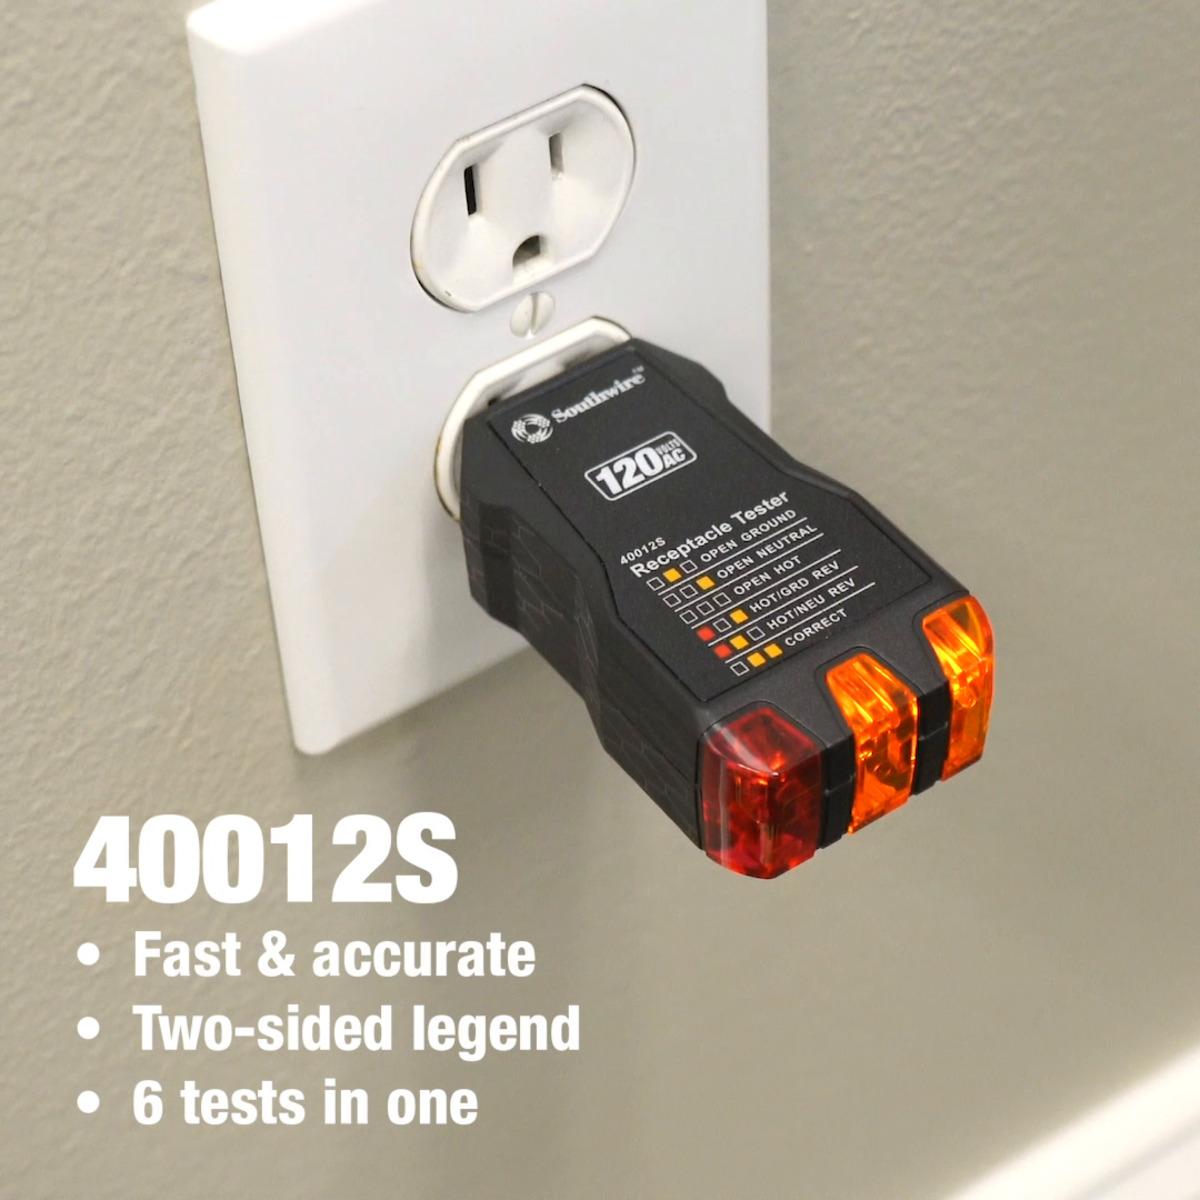 120V AC Receptacle Tester